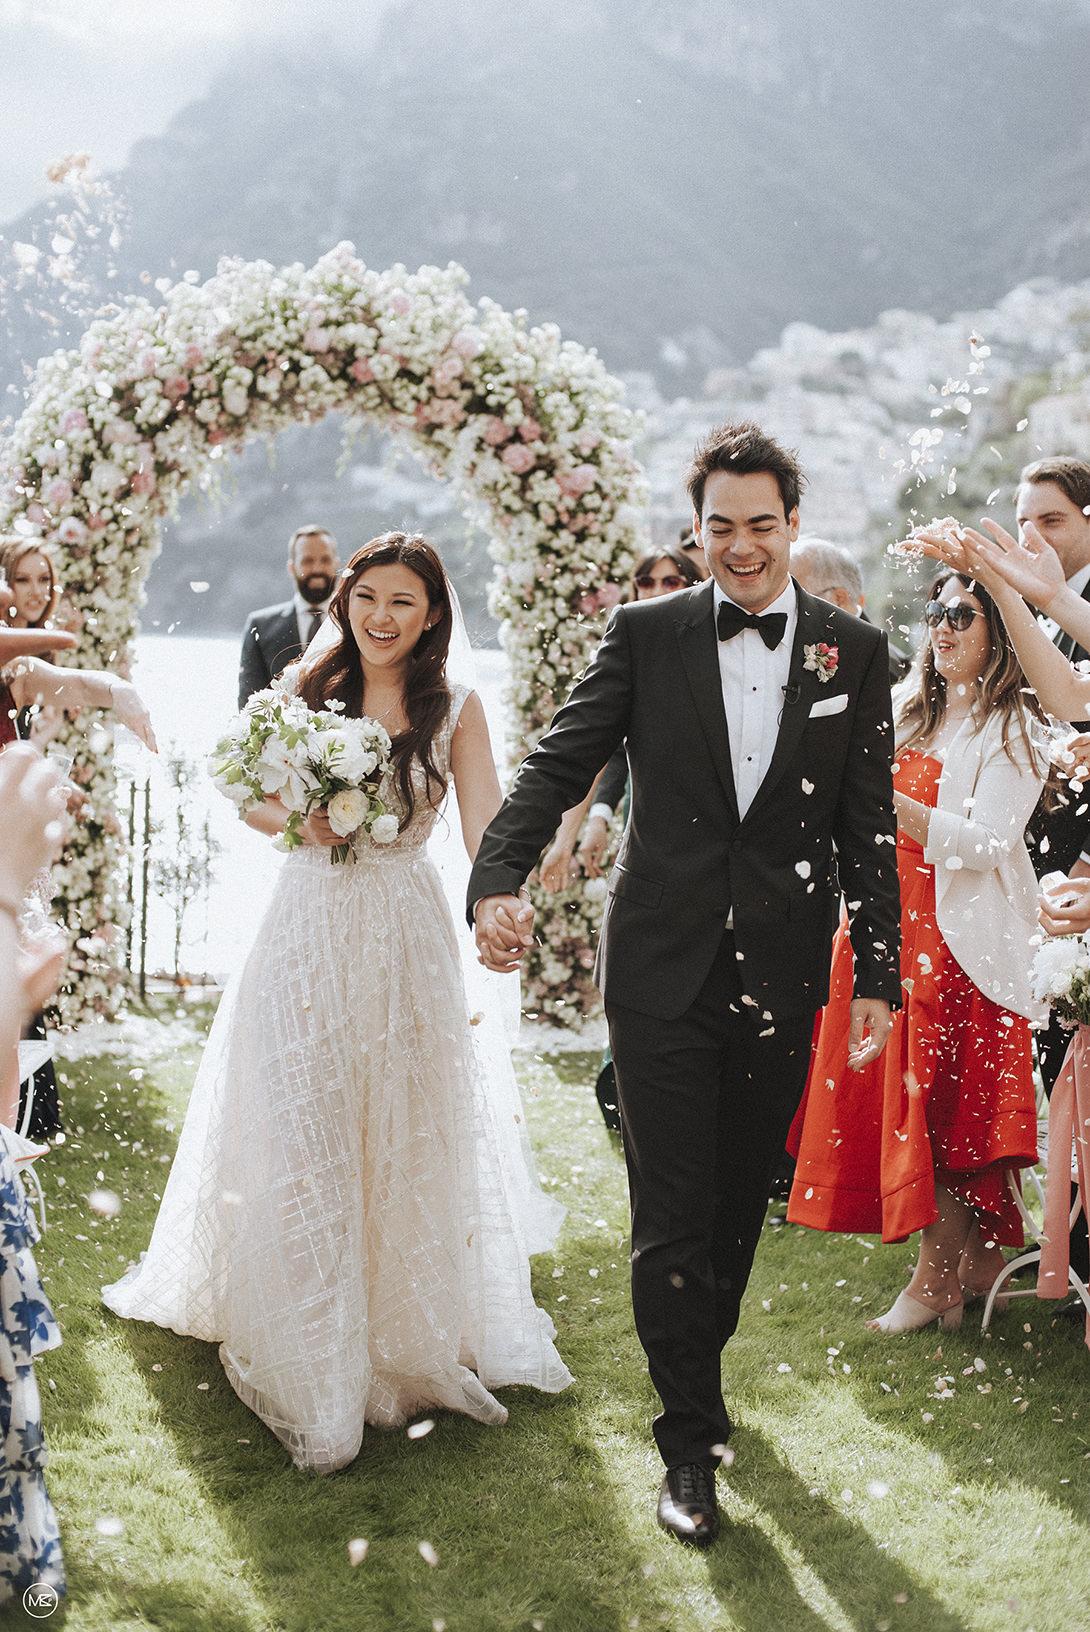 Wedding recessional in Positano